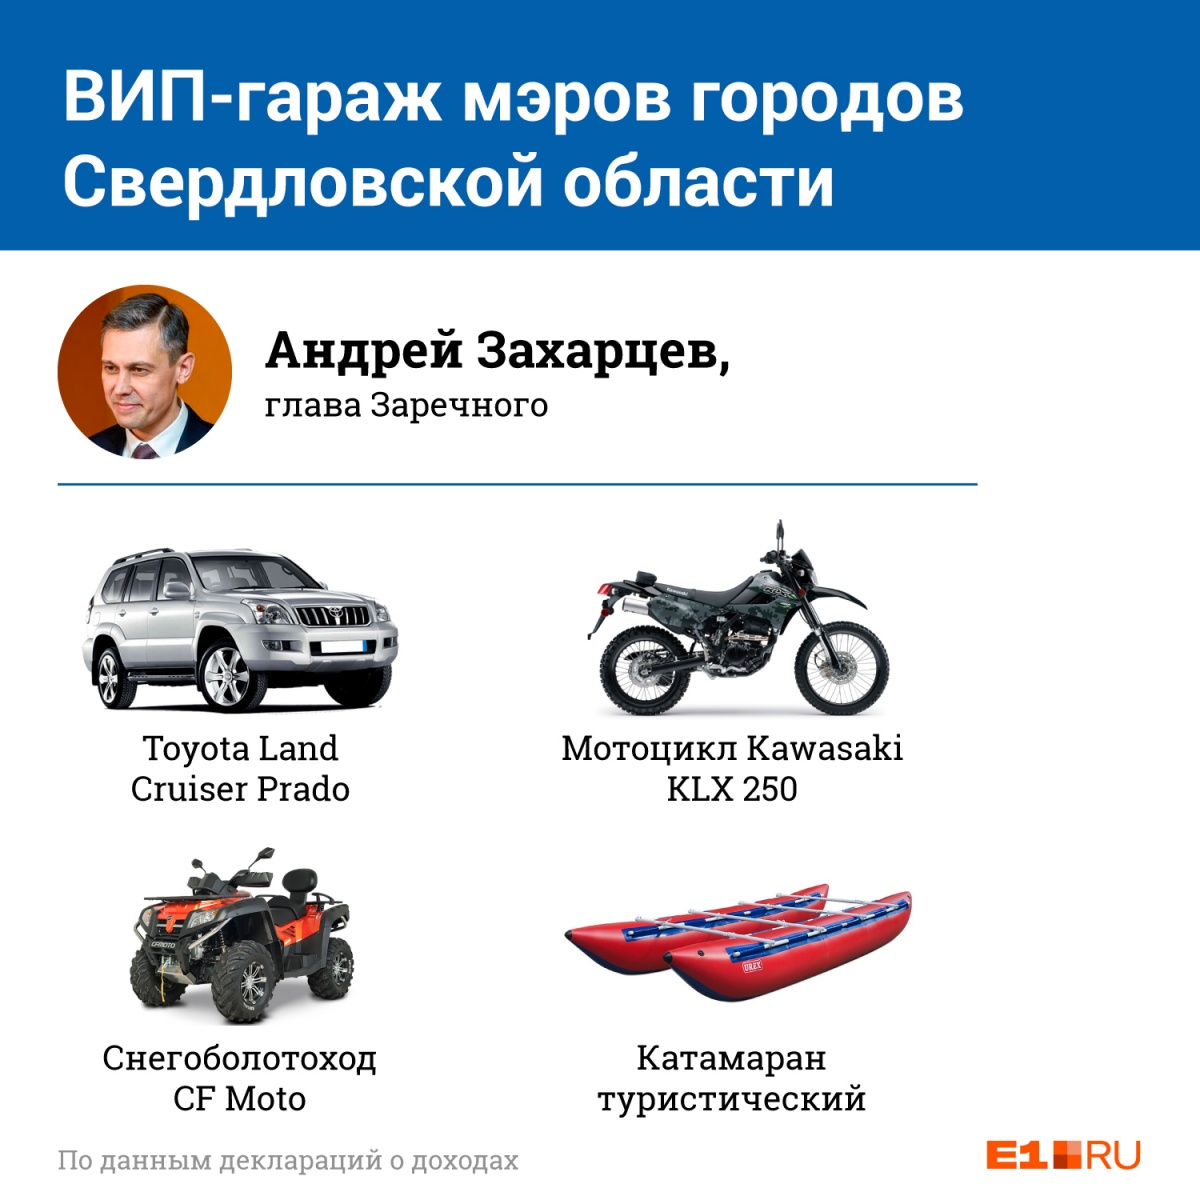 ВИП-гараж: изучаем скромные автомобили мэров крупнейших городов Свердловской области